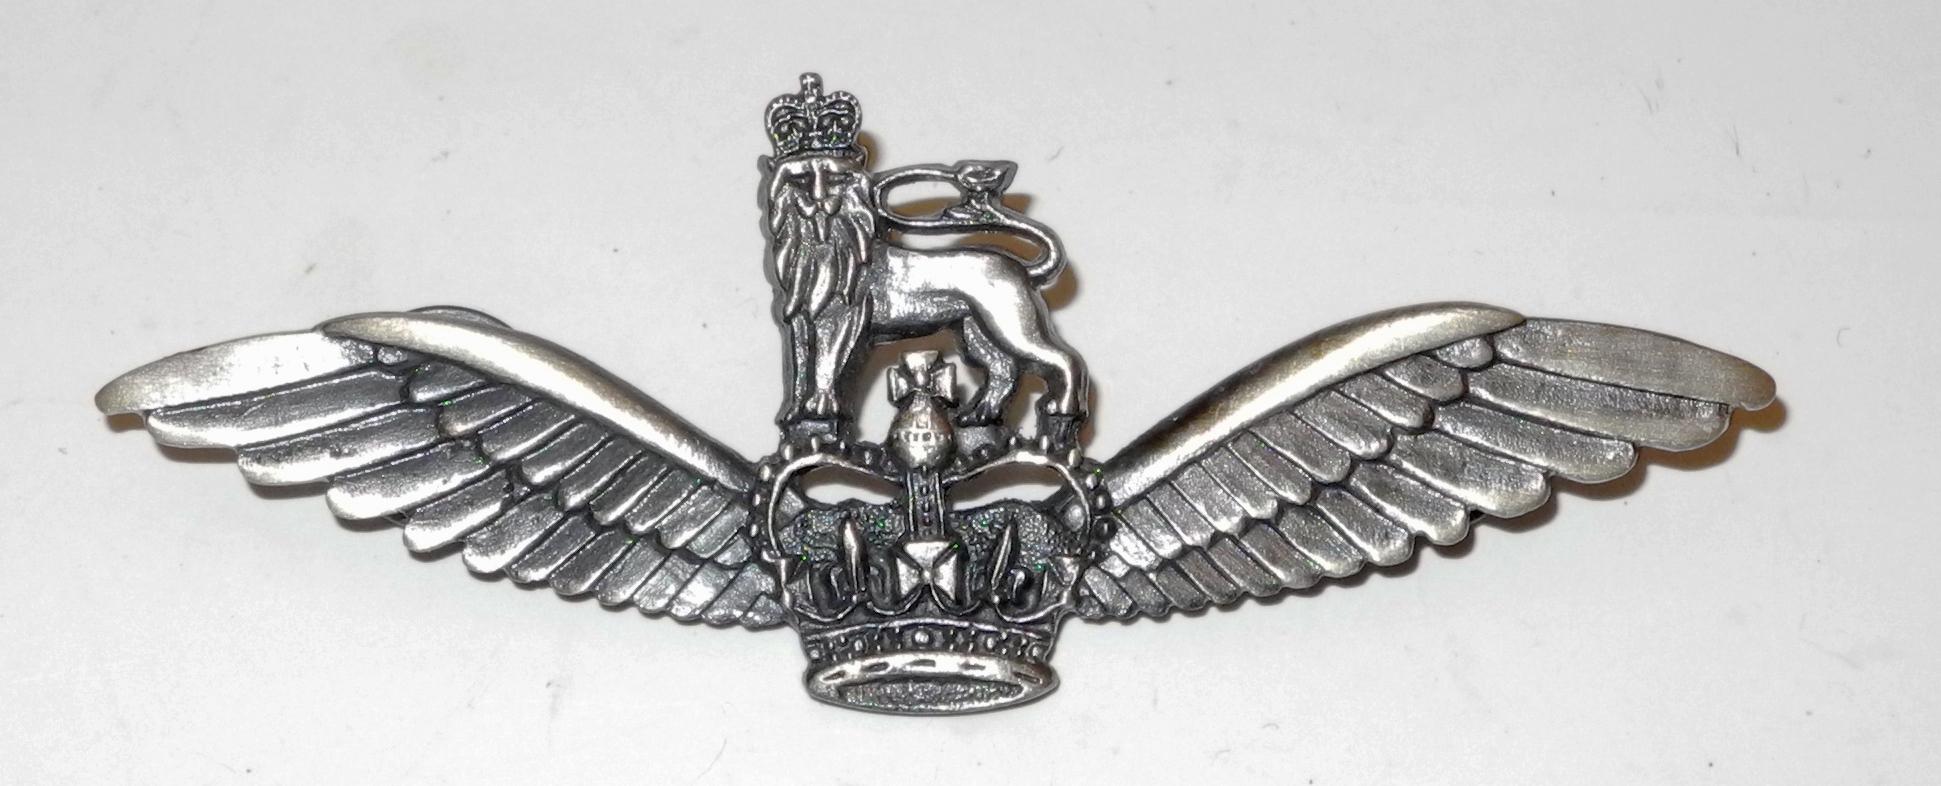 Post War British Army pilot's wing badge in metal